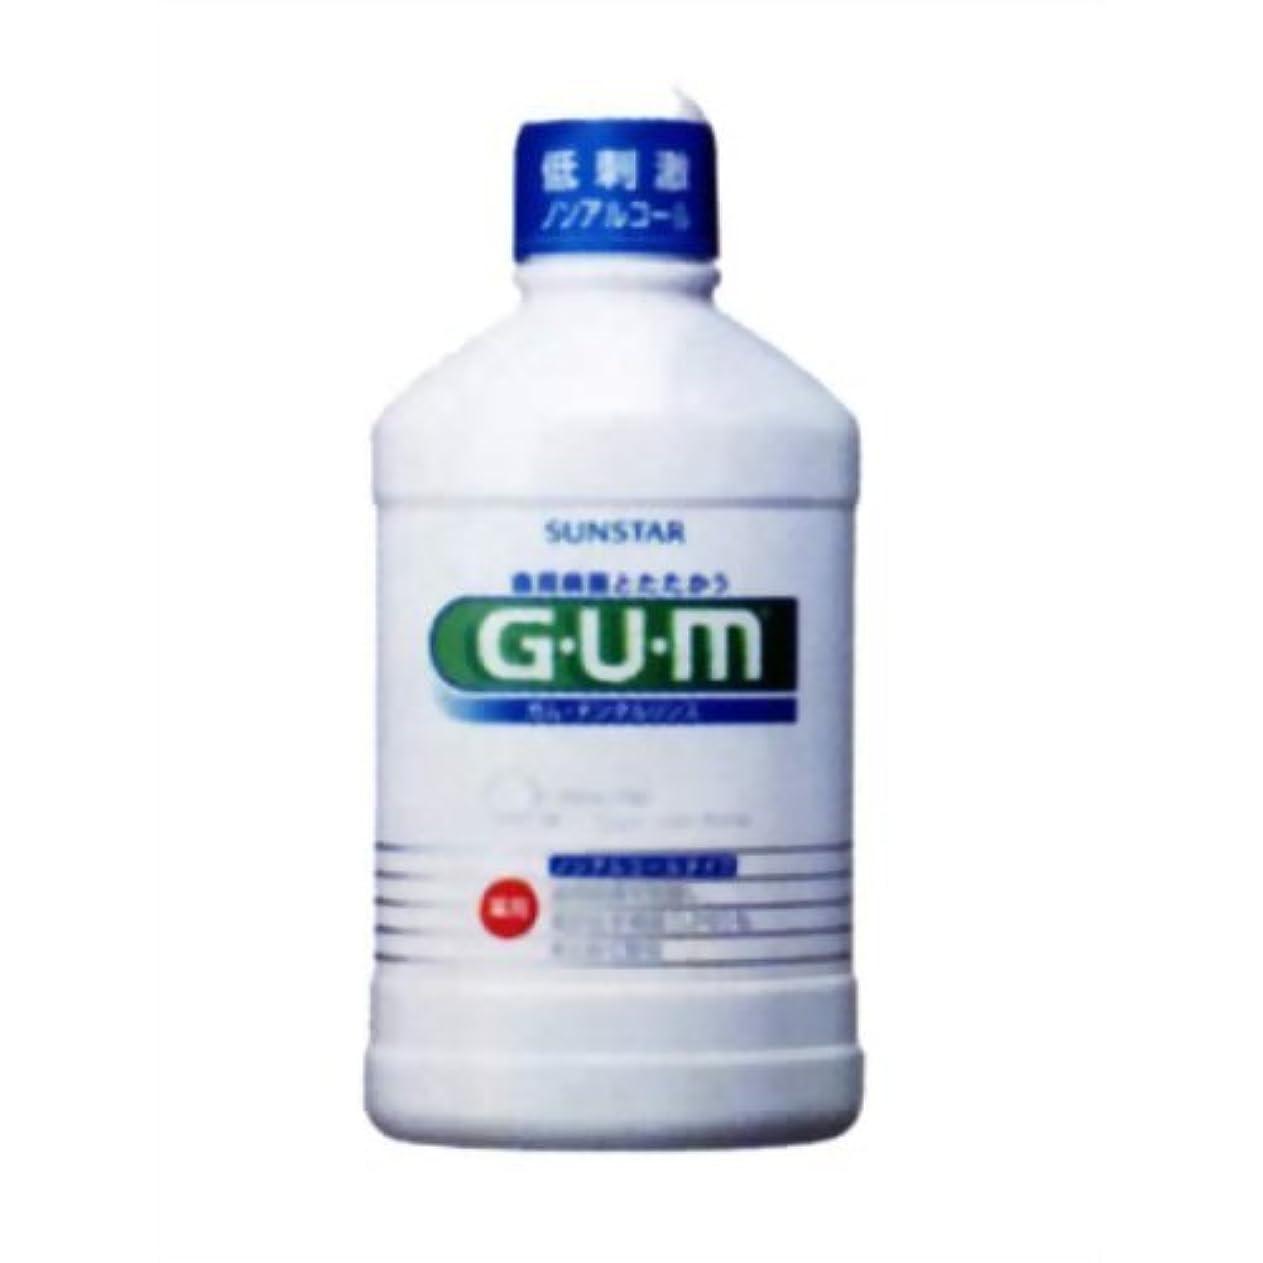 残酷長方形上がるGUM(ガム) 薬用 デンタルリンス ノンアルコールタイプ 250ml